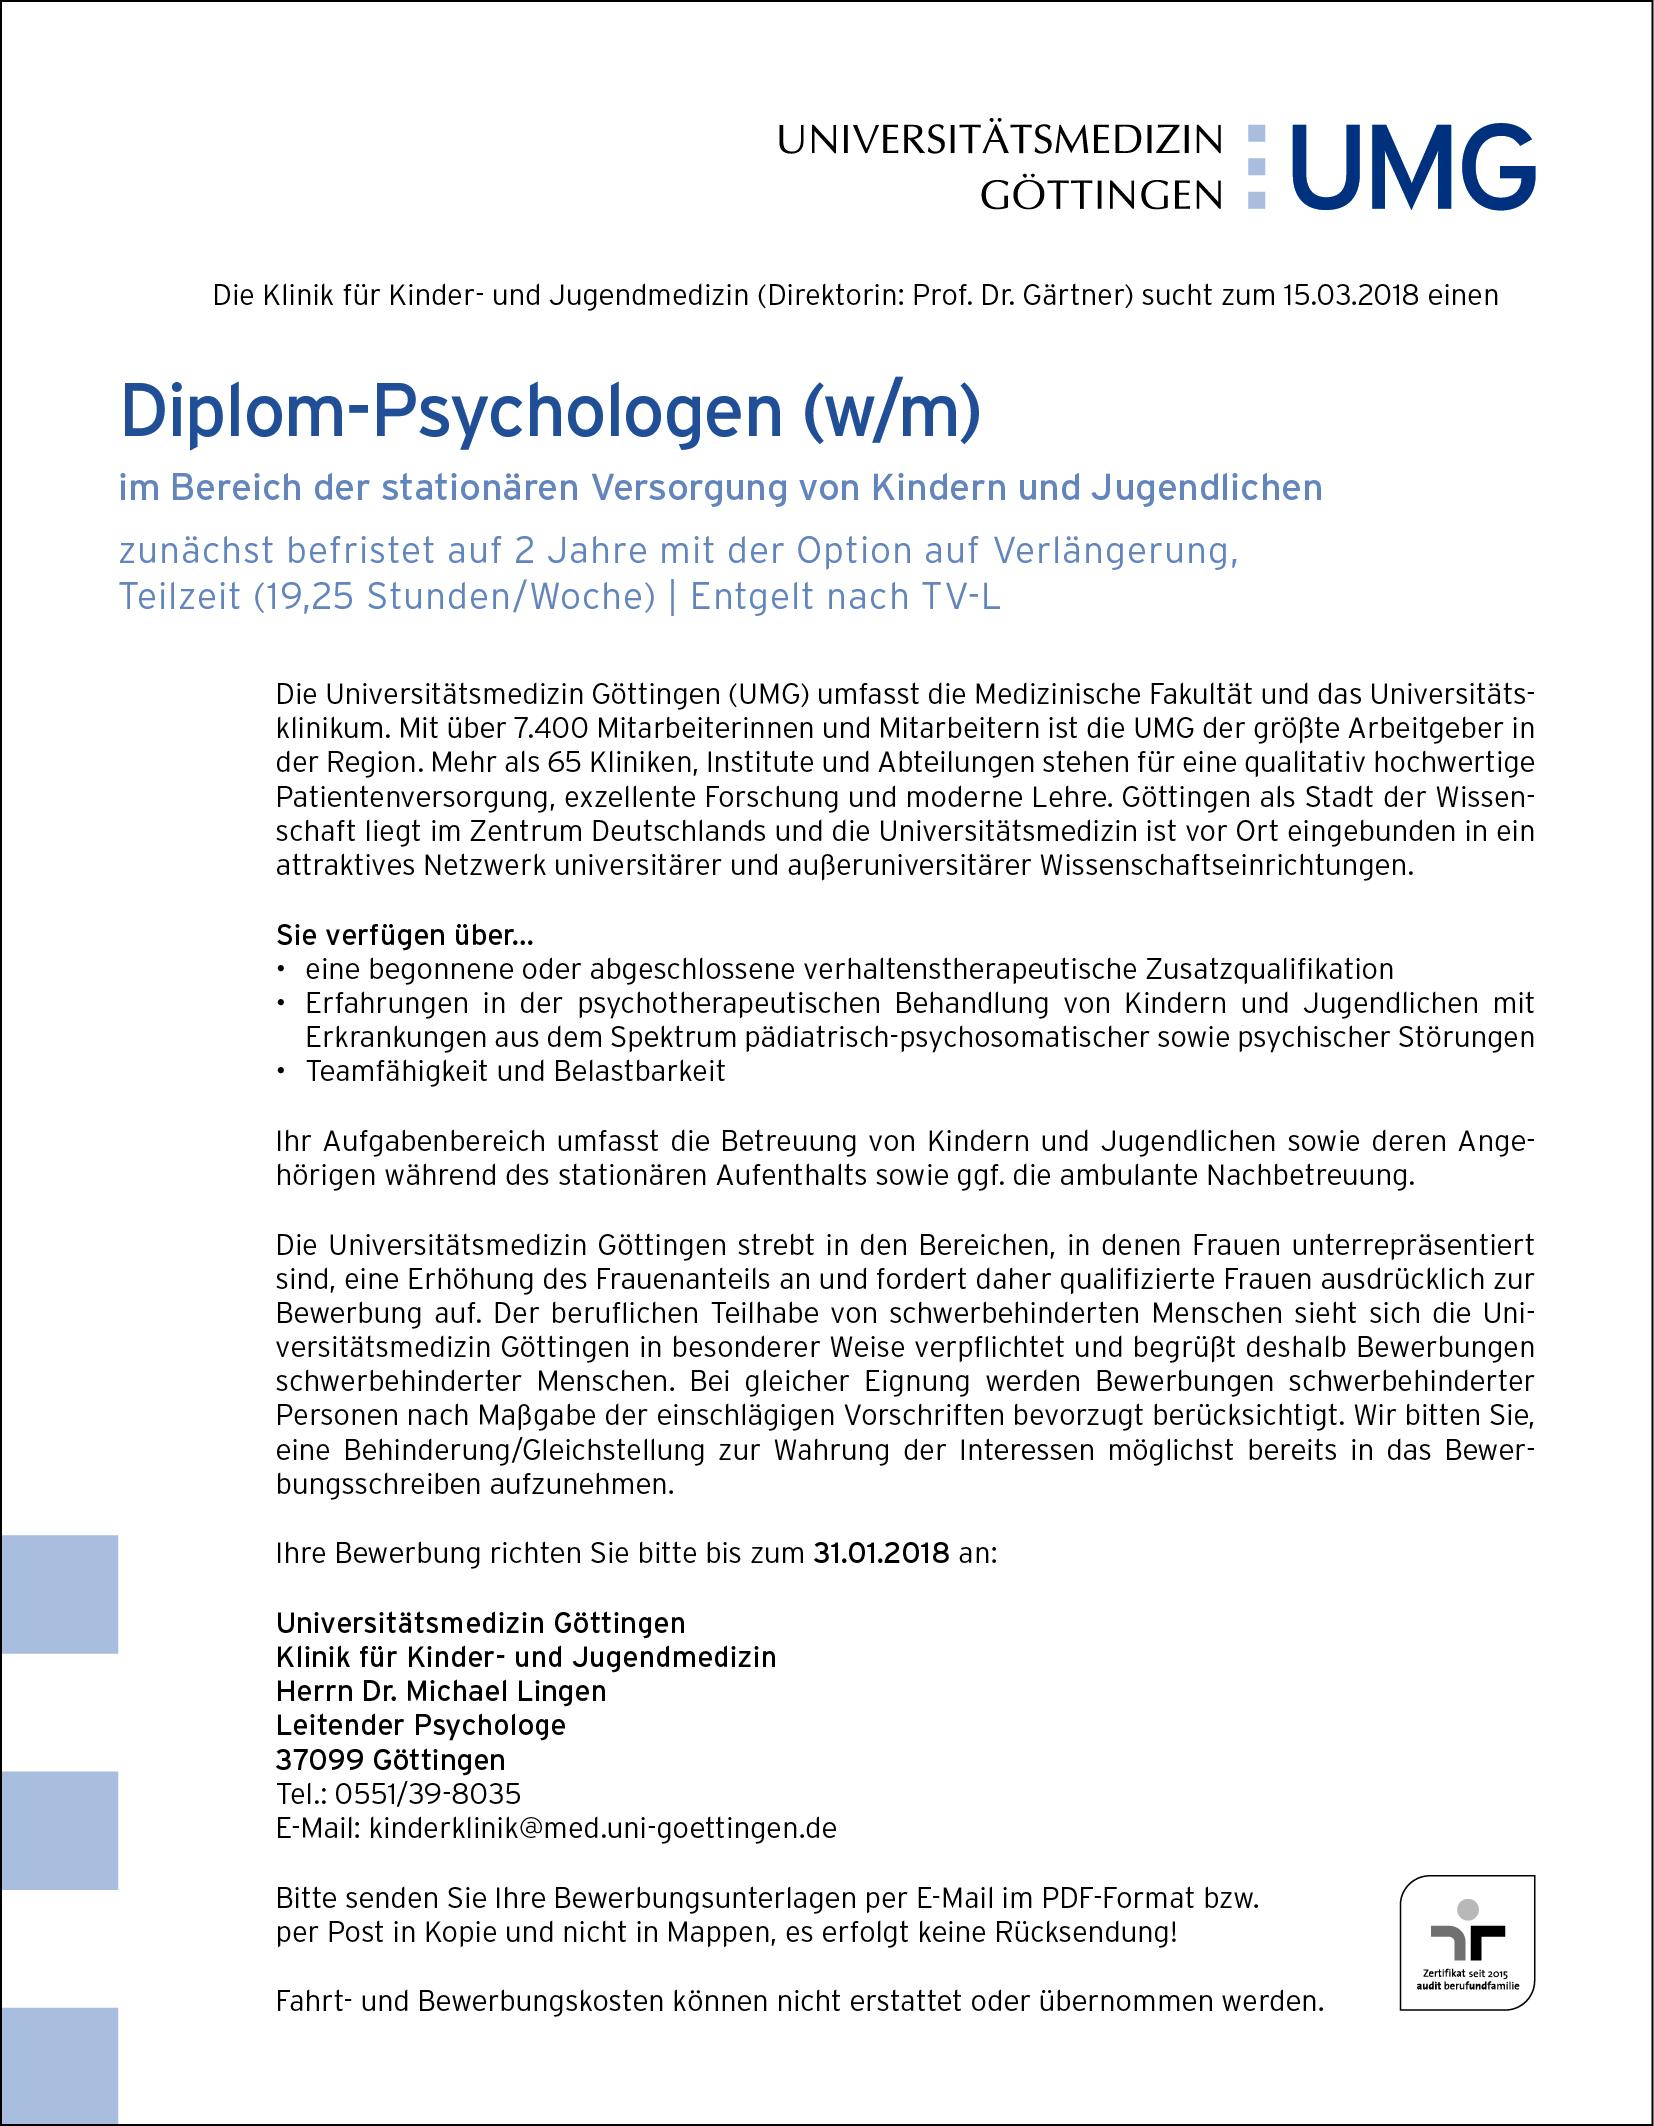 pdf datei anzeigen - Uni Gottingen Bewerbung